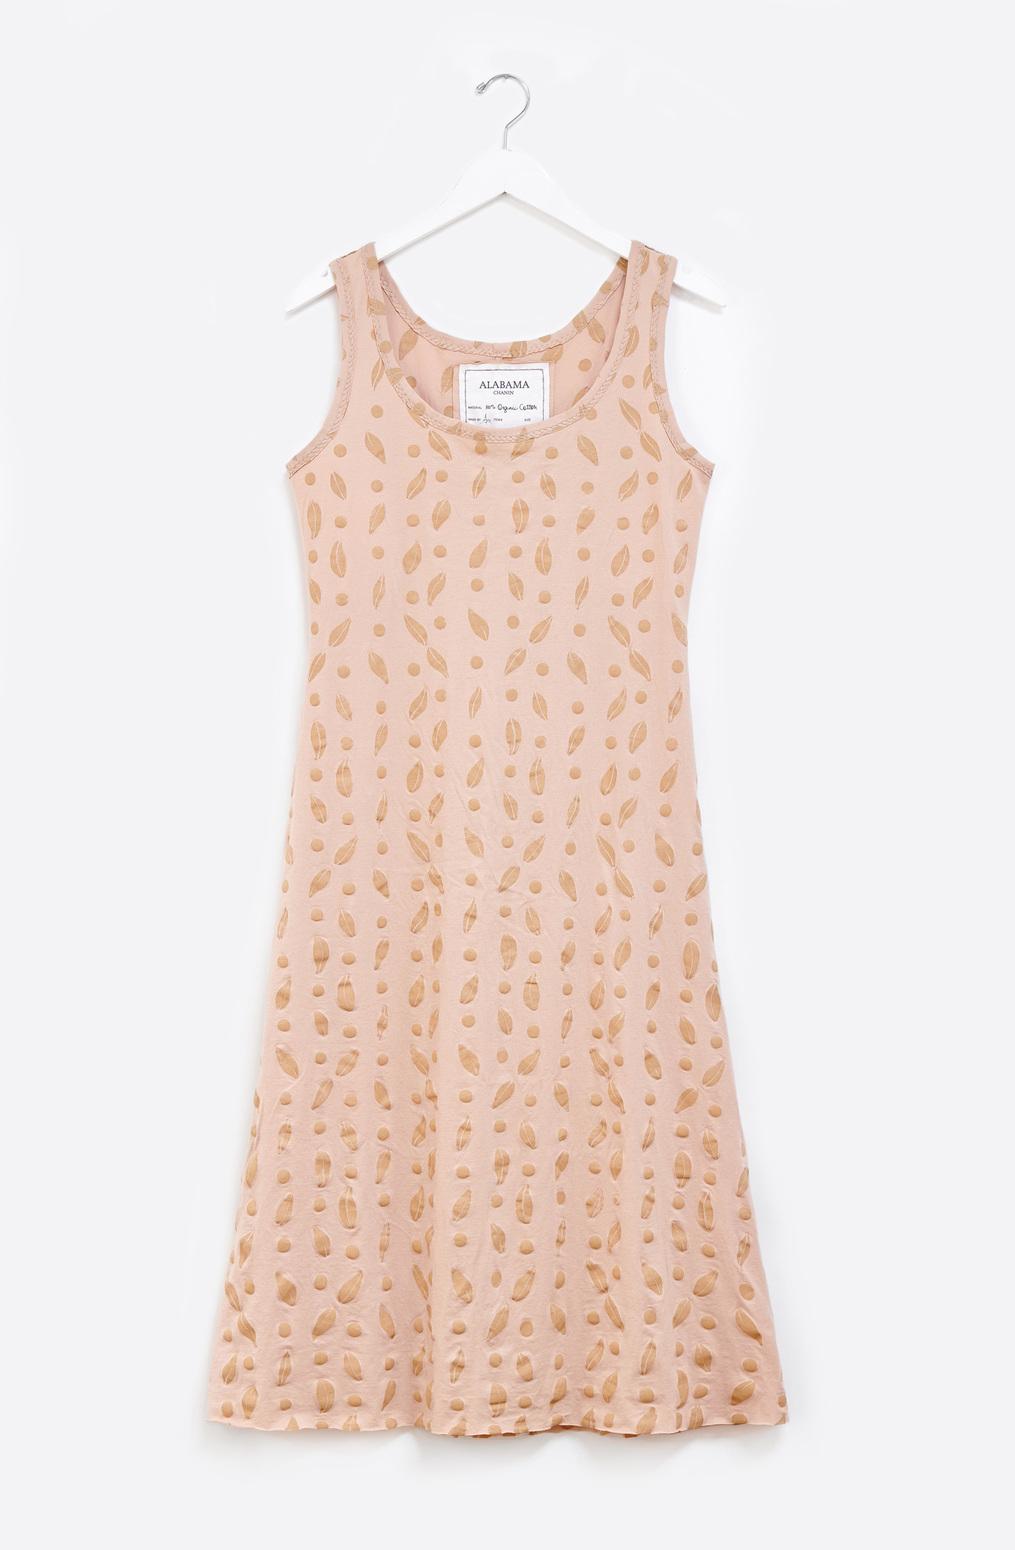 Alabama chanin hand sewn camisole dress 5